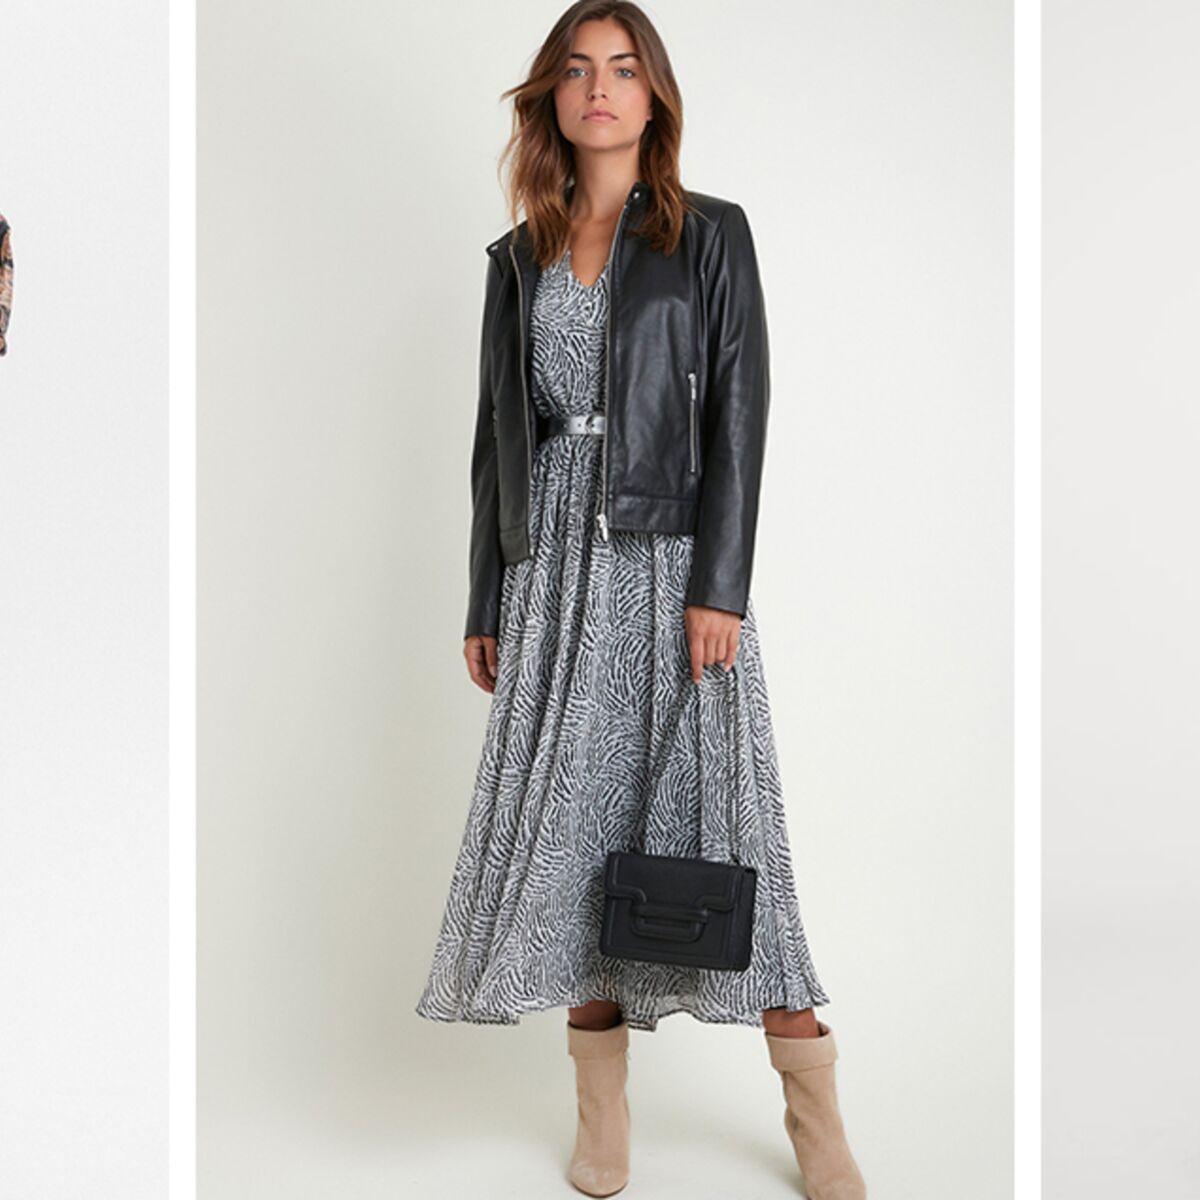 Robe 20 Nouveautes Tendance Pour Toutes Les Morphologies Femme Actuelle Le Mag